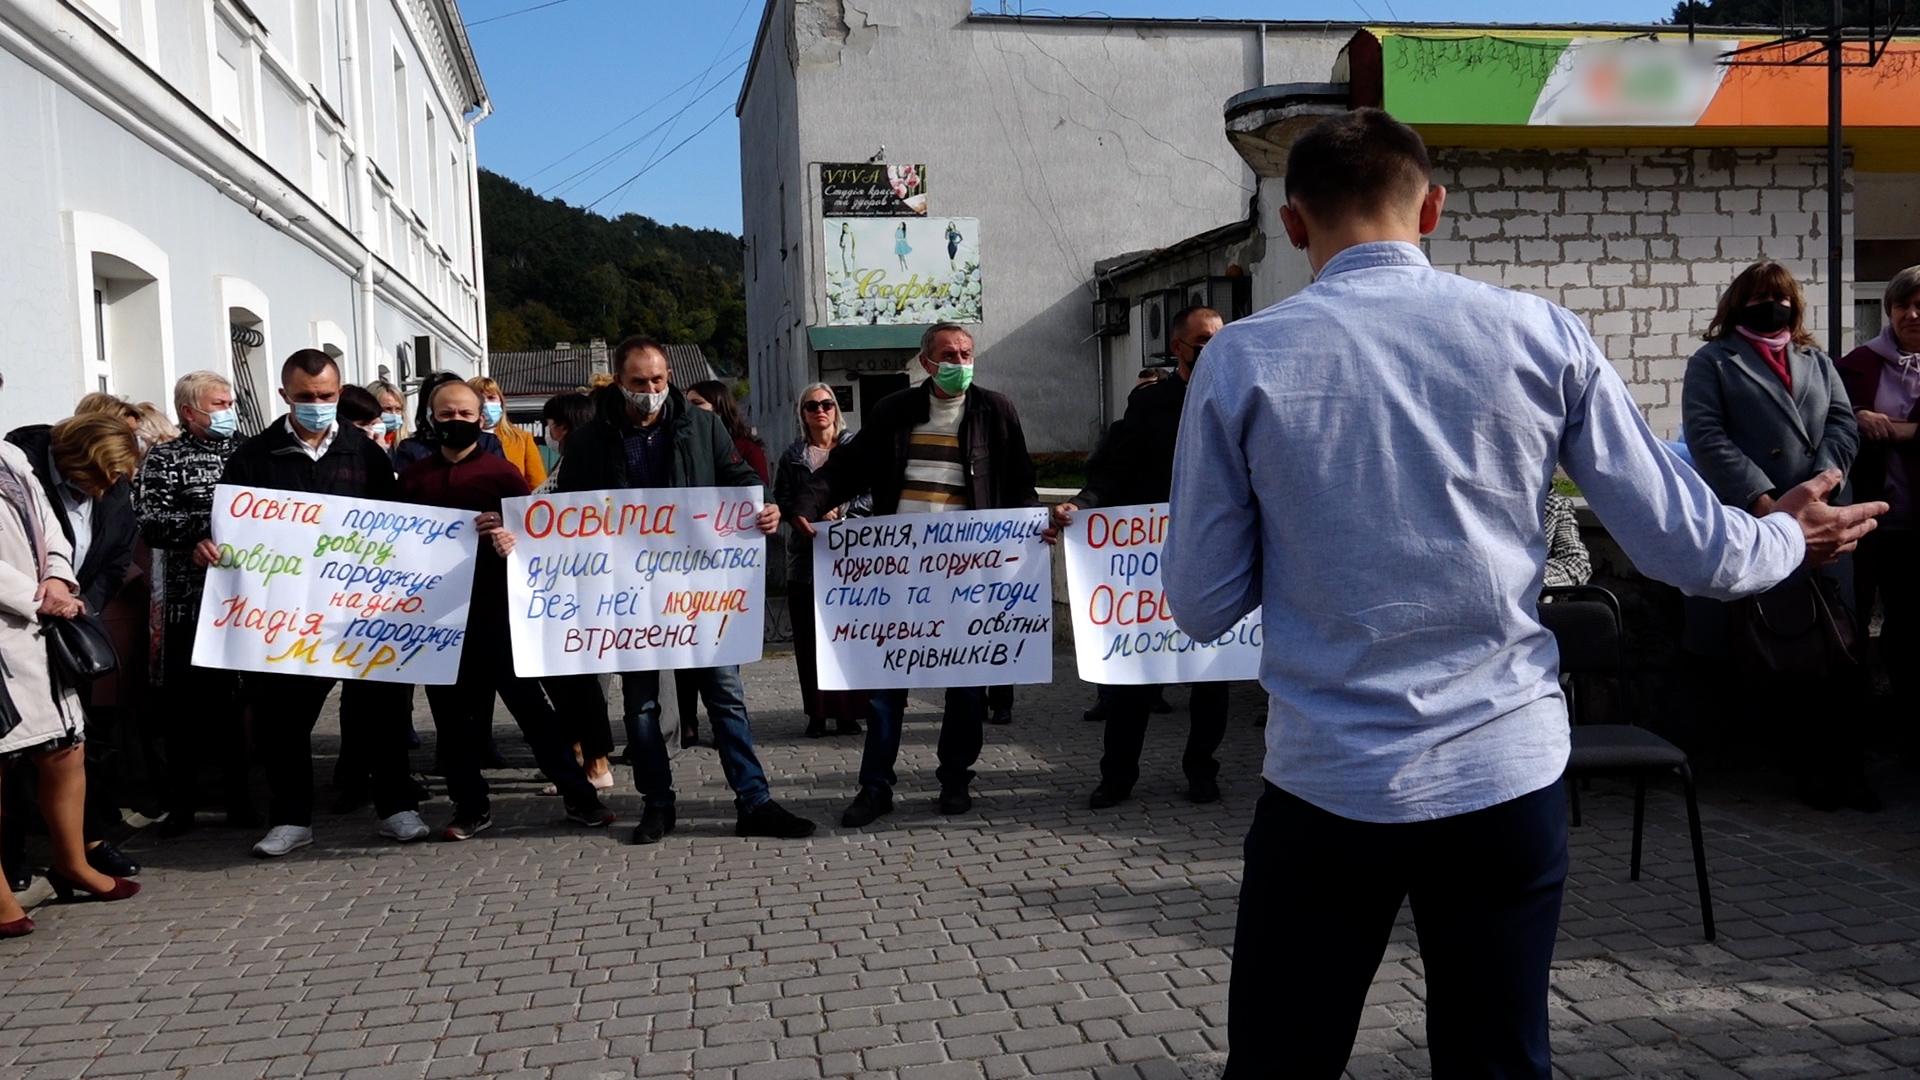 Освітяни Тернопільщини пікетують: їм не виплатили понад три мільйони гривень зарплатні